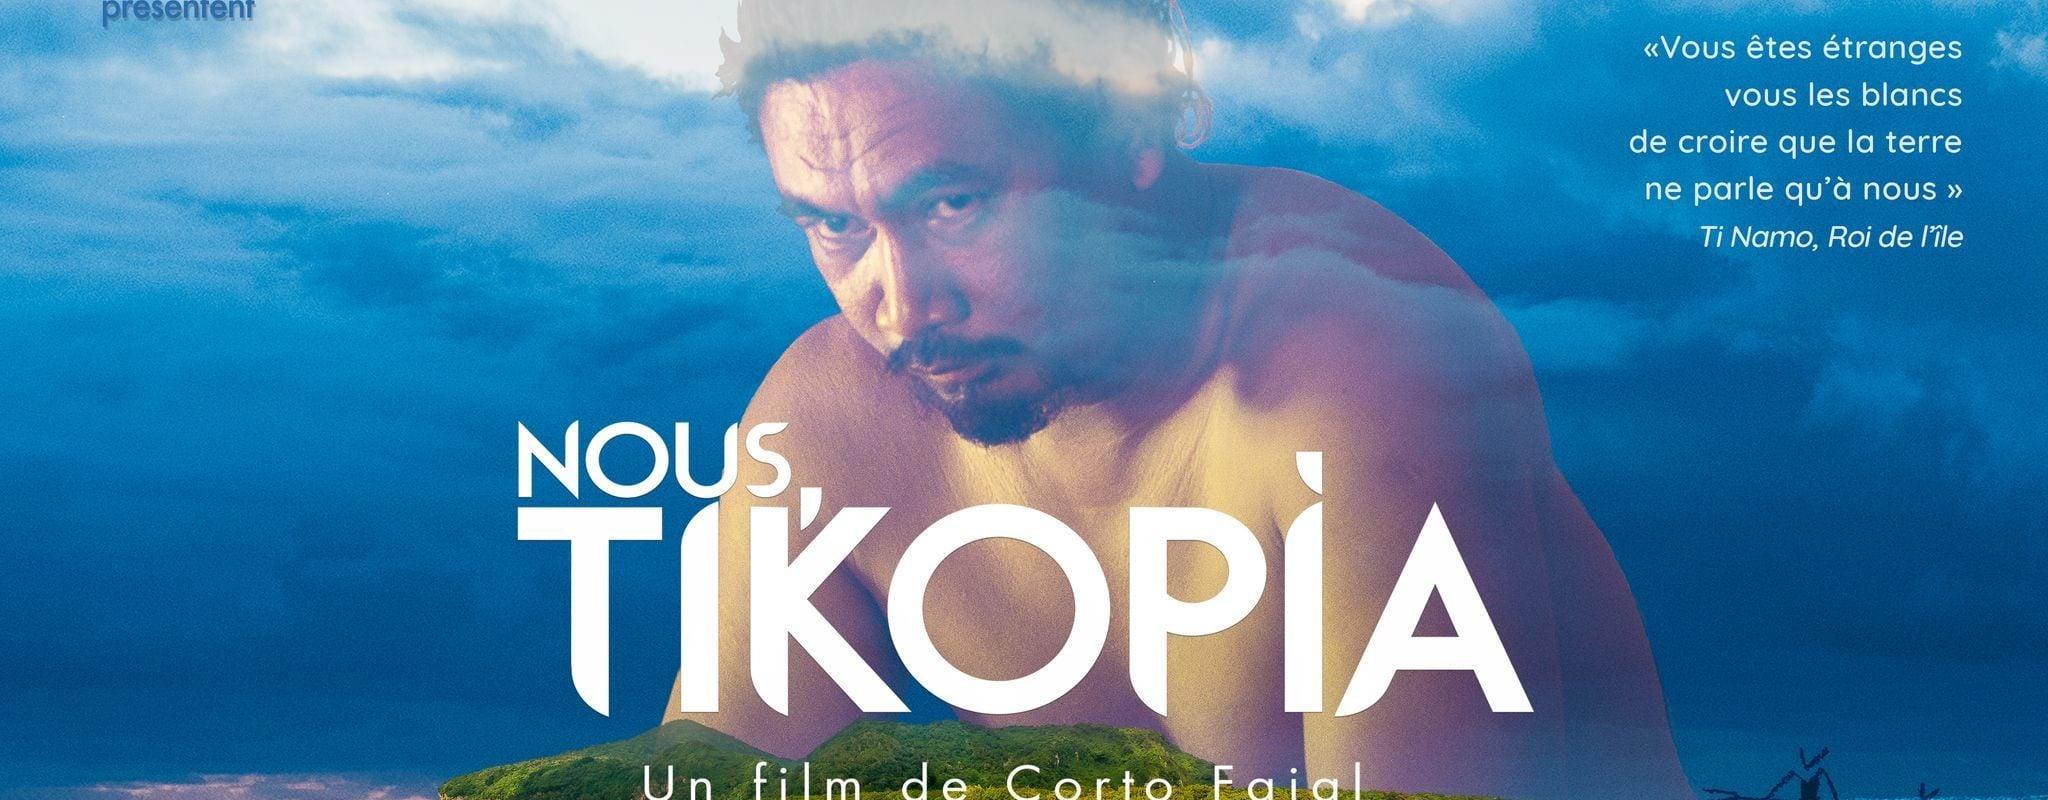 Gagnez des places pour l'avant-première de Nous, Tikopia, en présence du roi de l'île